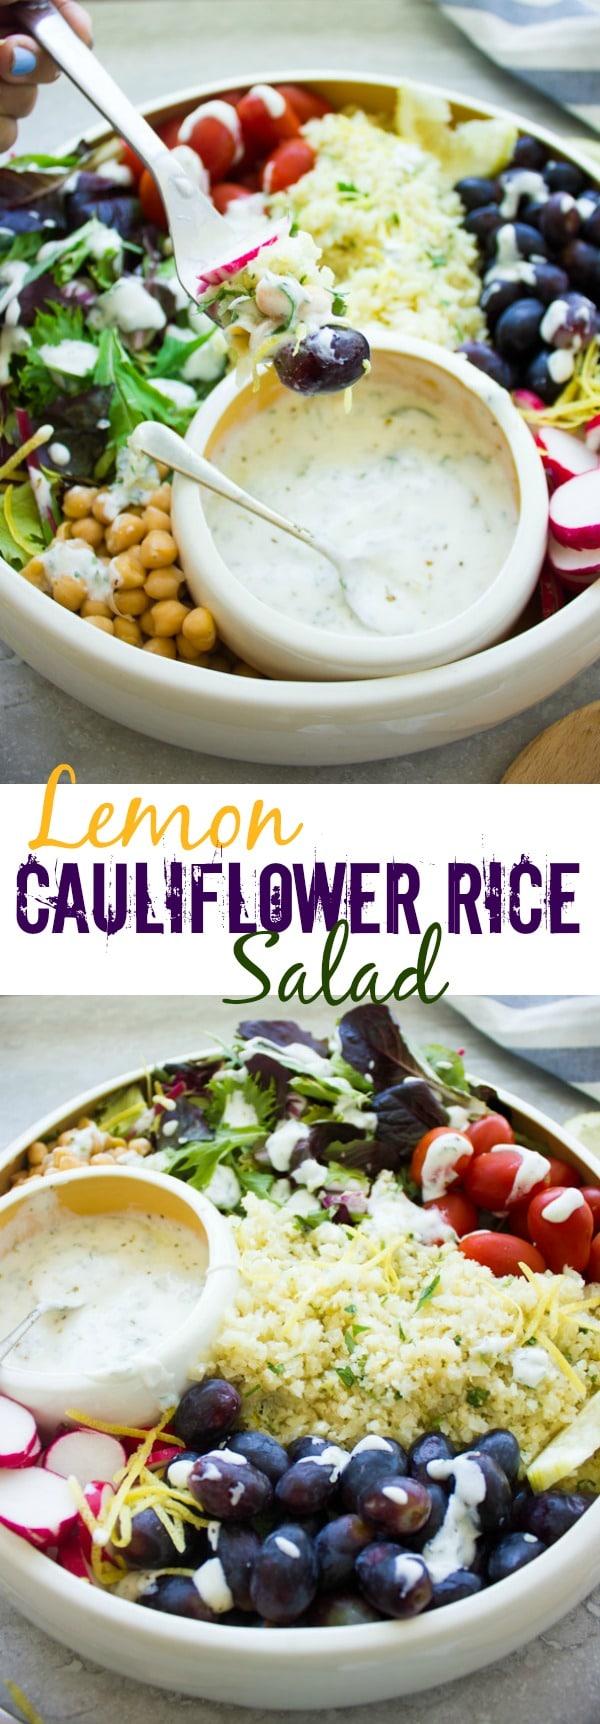 Lemon Cauliflower Rice with Yogurt Dressing - a healthy low-carb recipe #healthy, #lowcarb, #glutenfree, #cauliflower, #easy